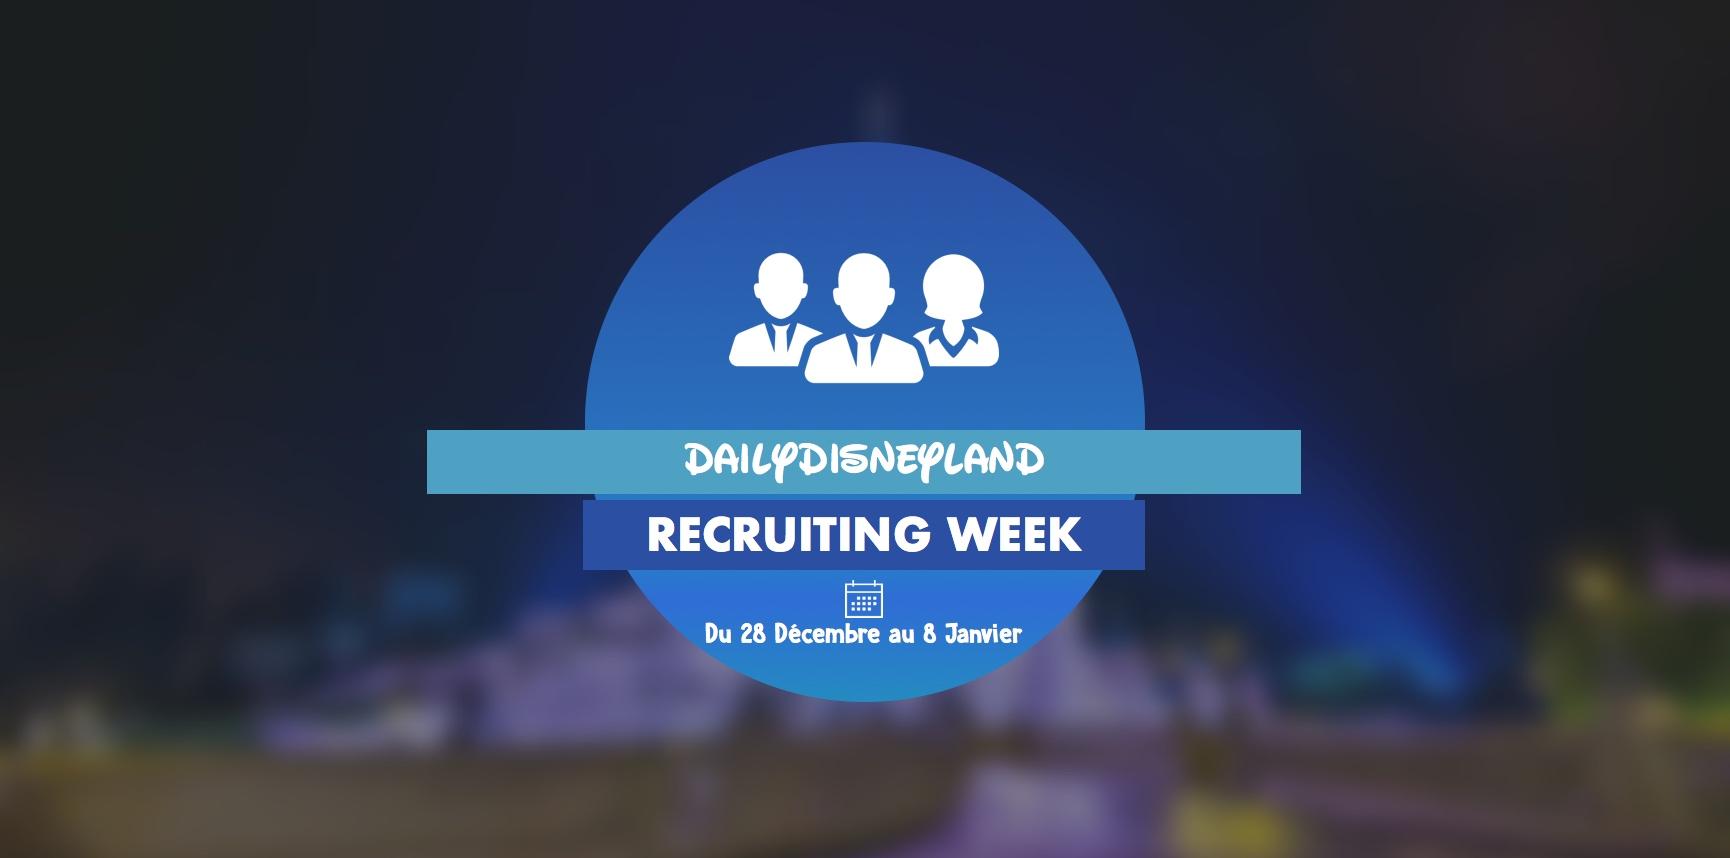 Disneyland paris pas cher calendrier des dates les moins ch res de 2018t daily disneyland - Date des soldes ete 2017 paris ...